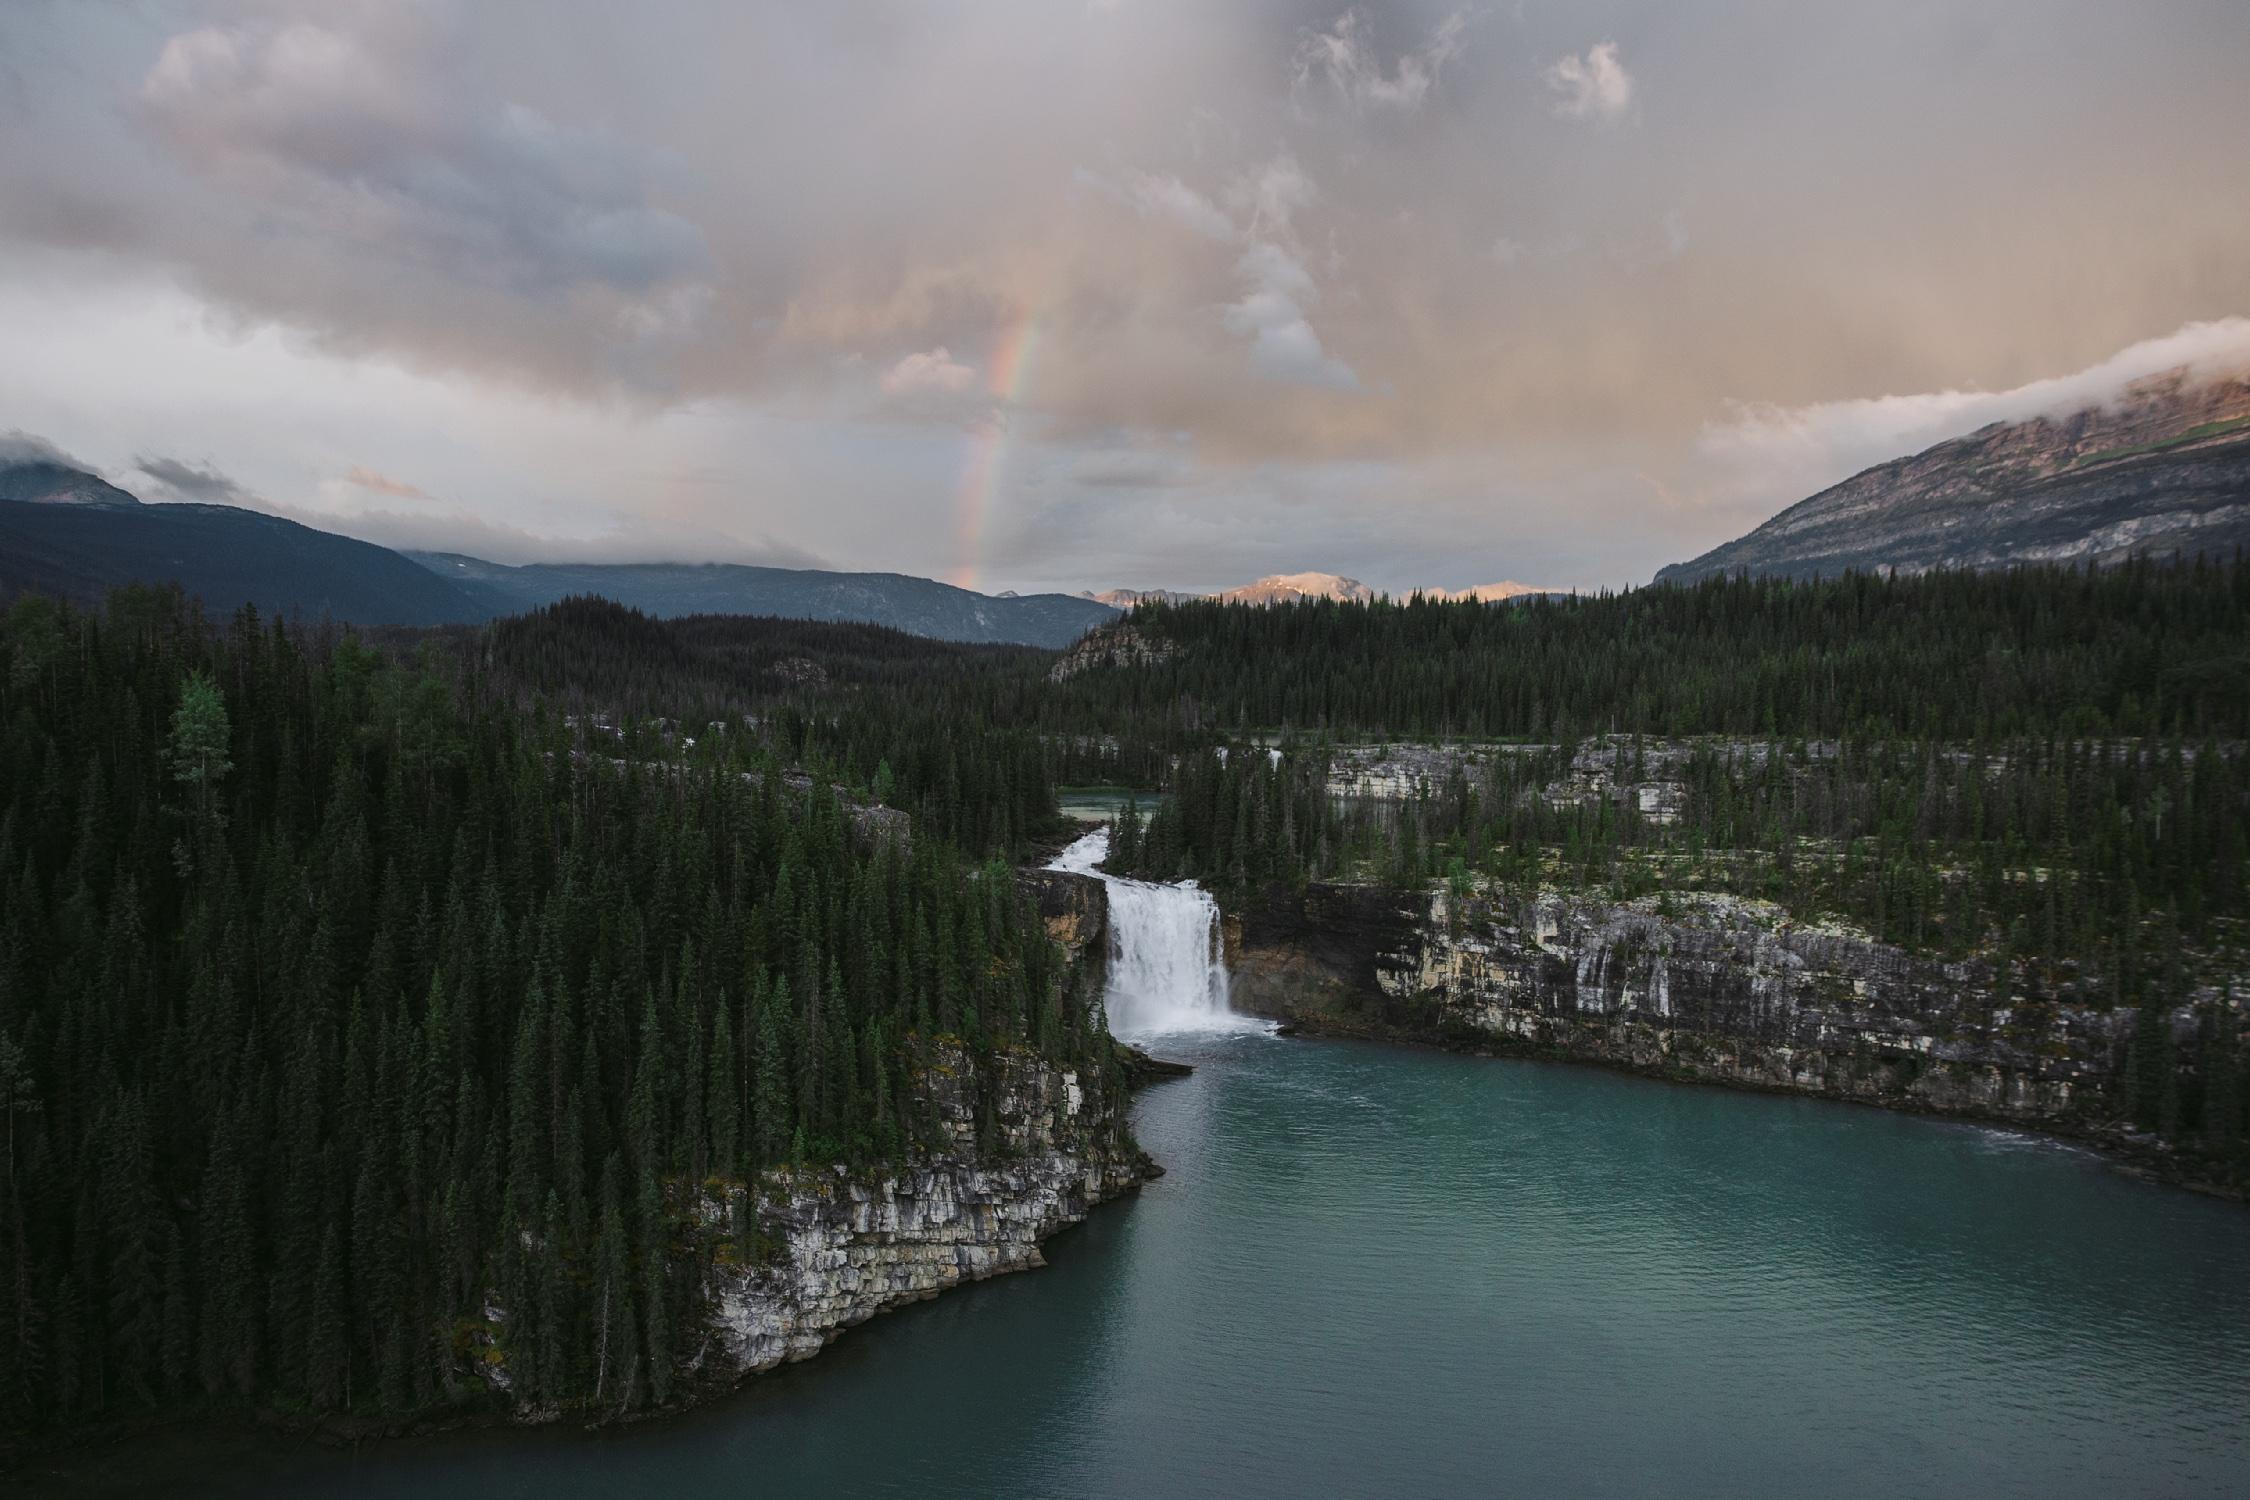 前有布鲁克斯瀑布,后有Brooks Falls in the foreground, Shire Falls in the background, Monkman Provincial Park, Tumbler Ridge UNESCO Global Geopark